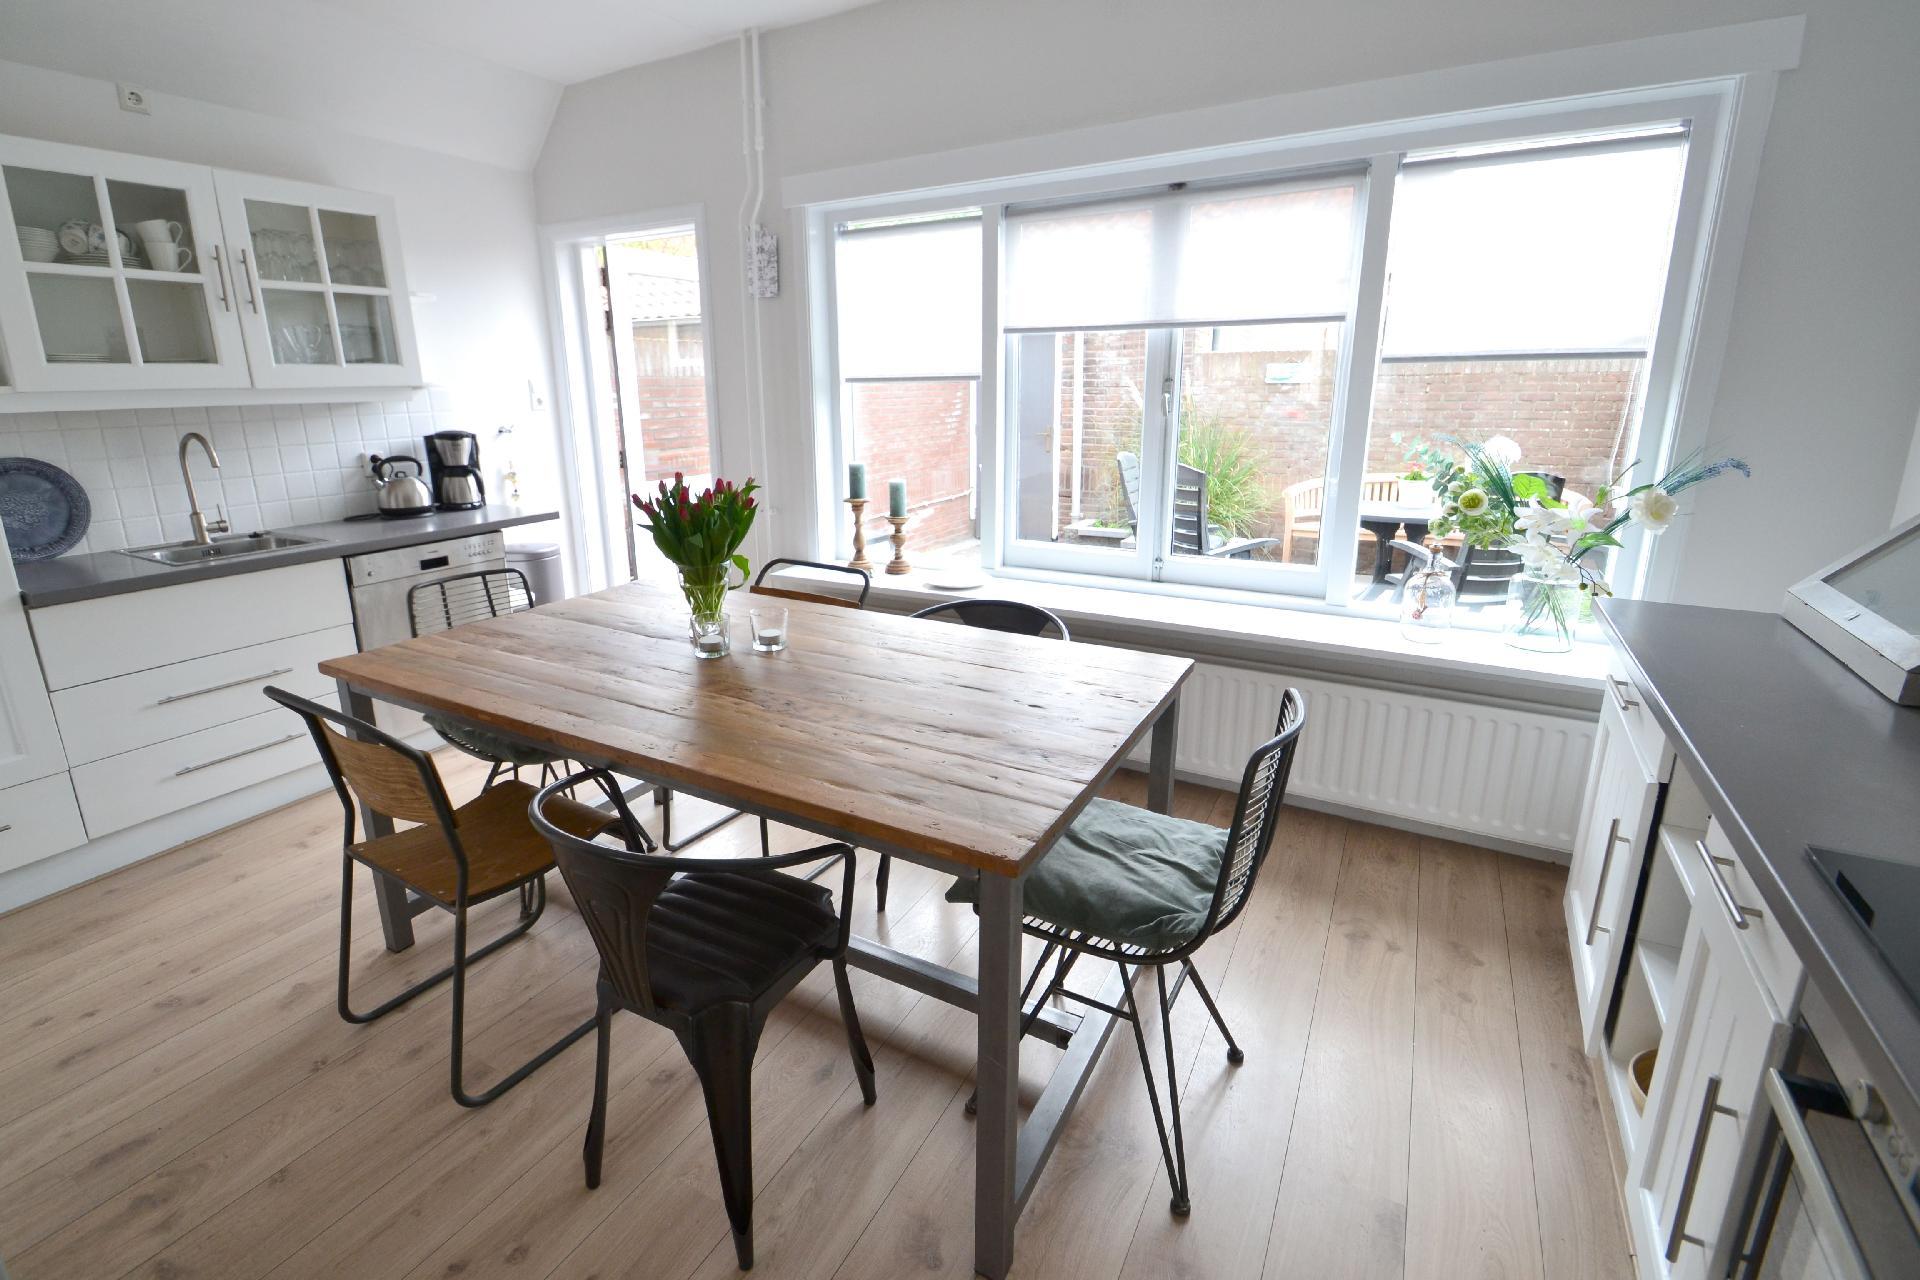 Ferienhaus für 5 Personen ca. 80 m² in K